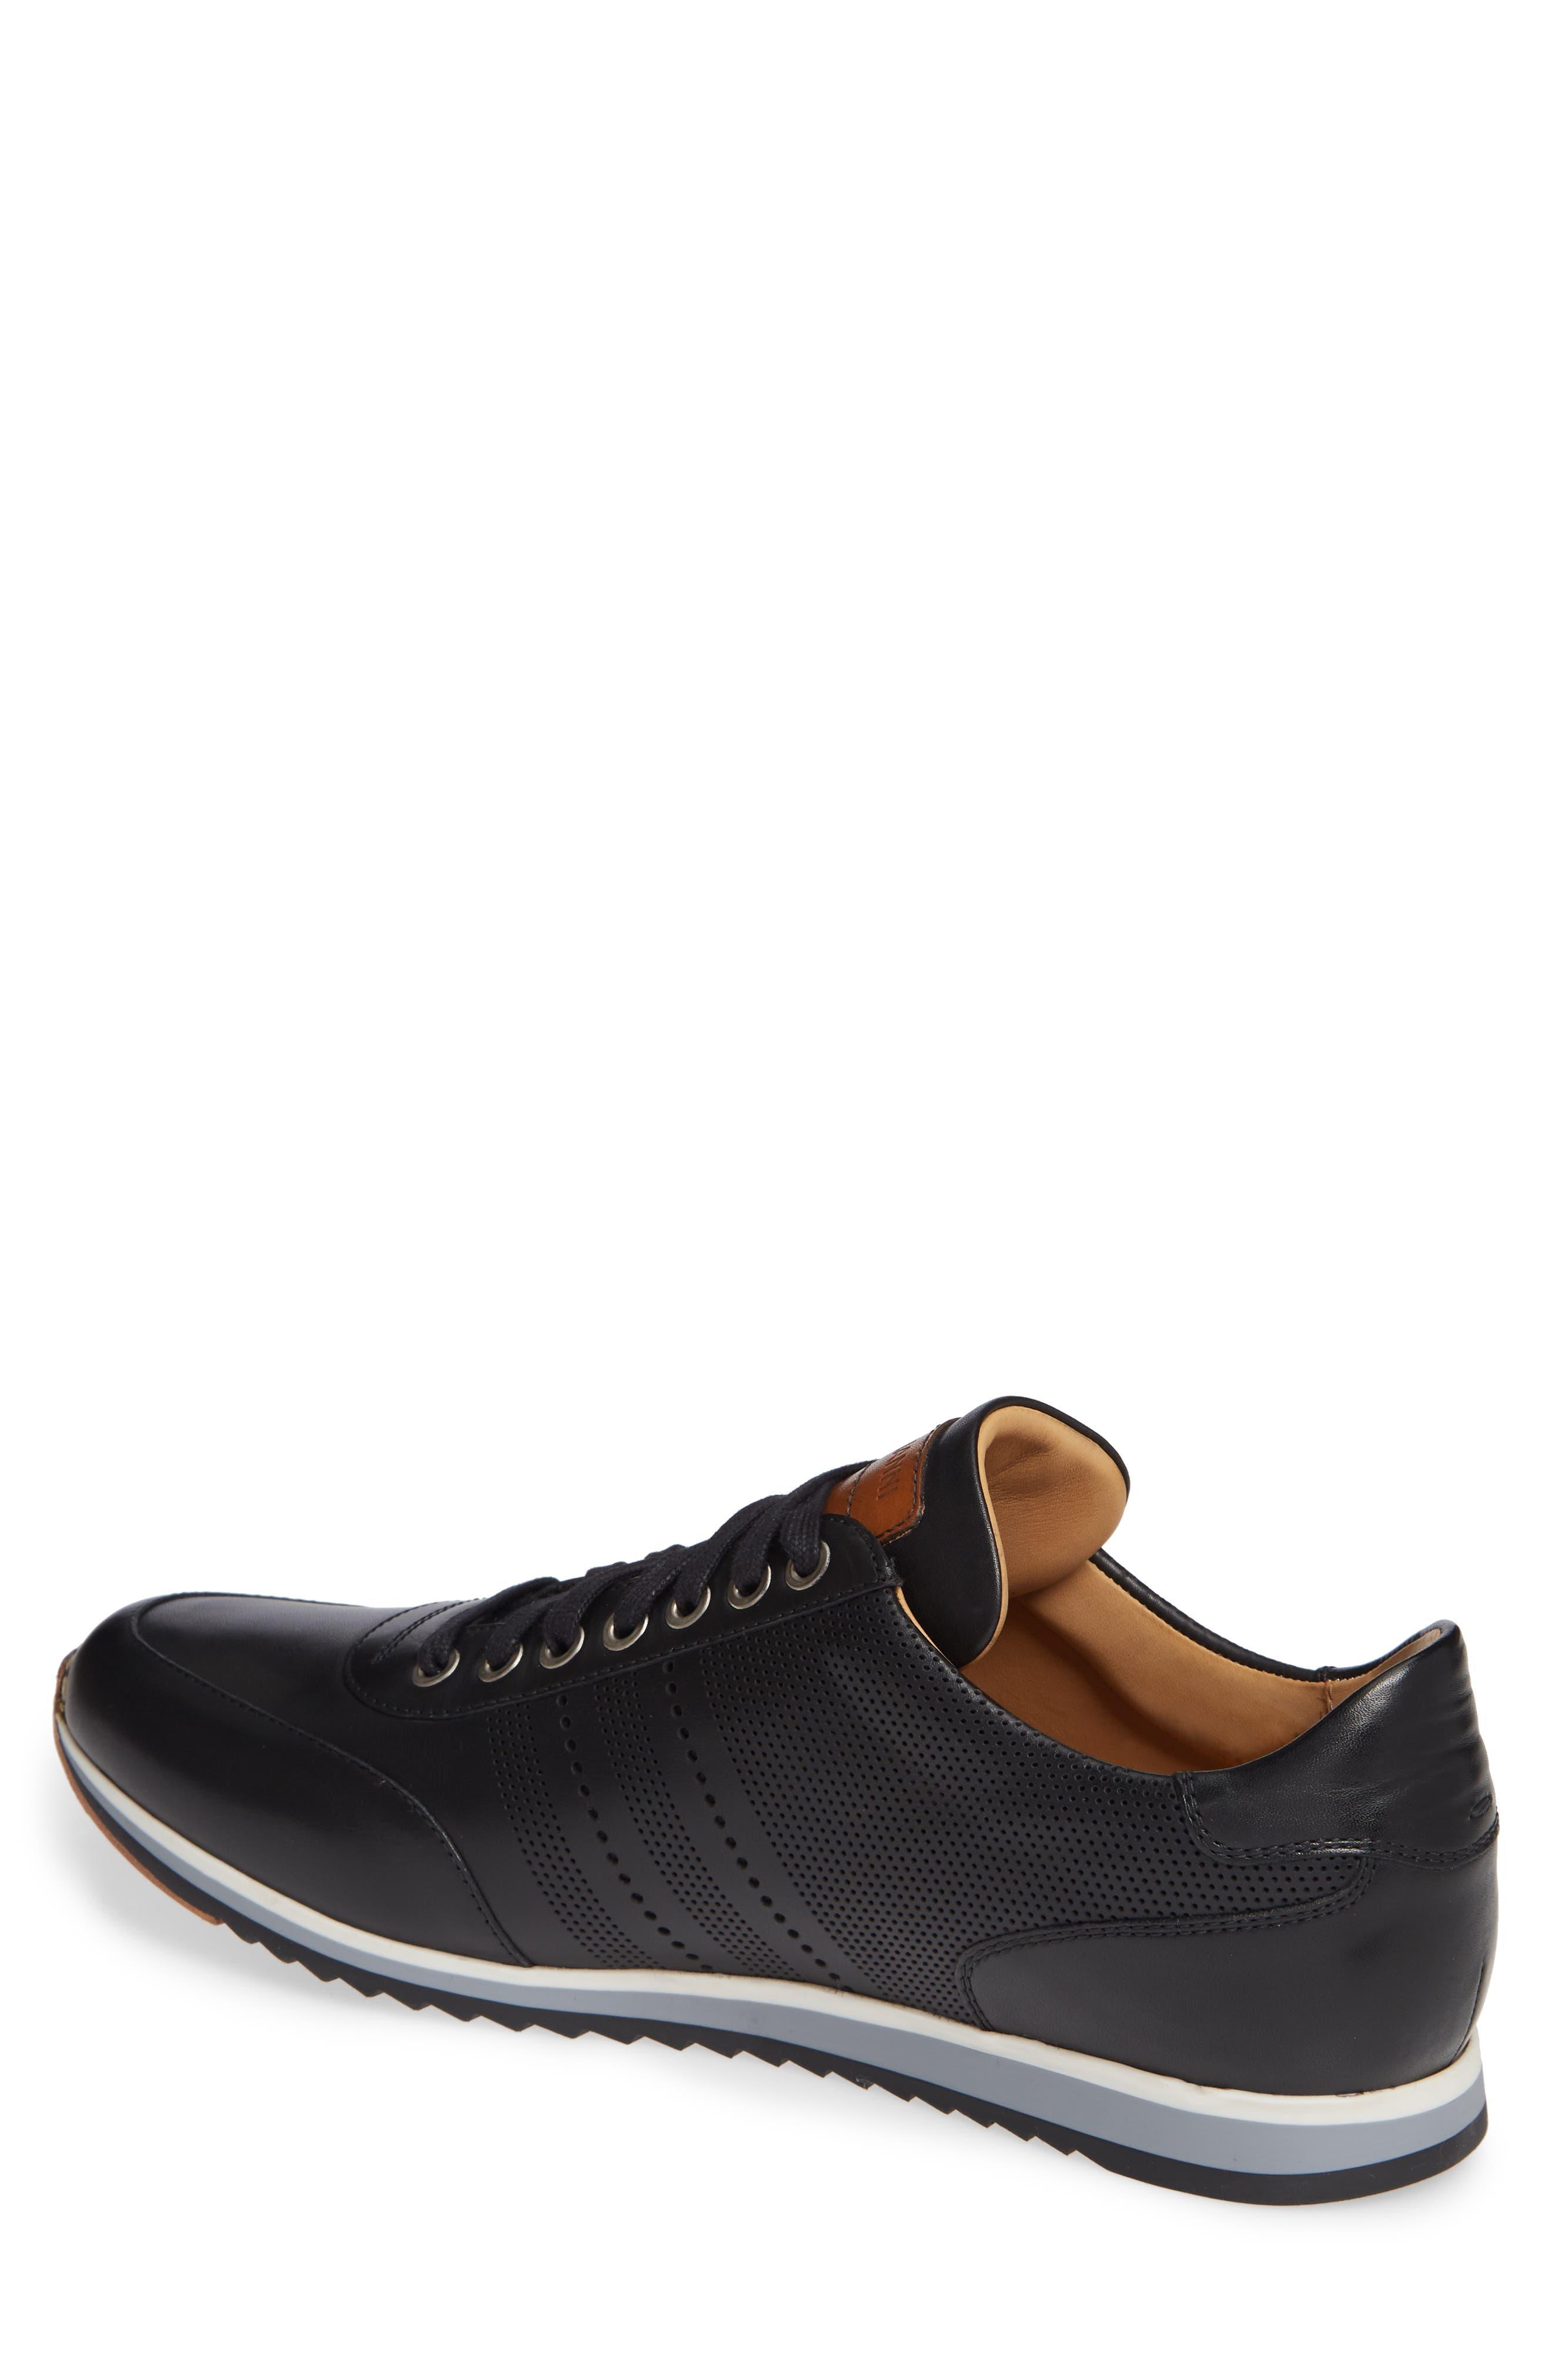 Merino Sneaker,                             Alternate thumbnail 2, color,                             BLACK LEATHER